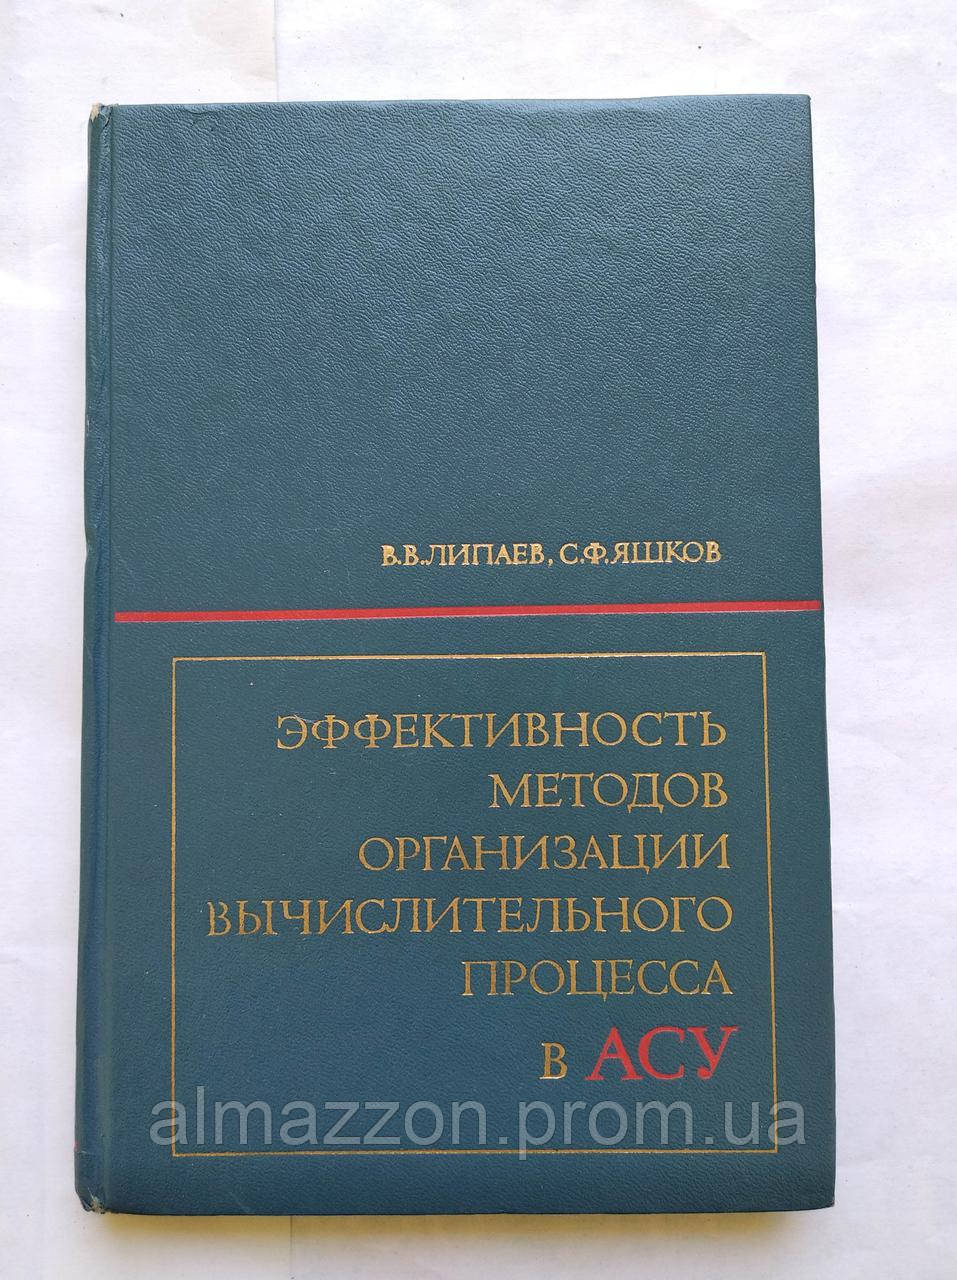 Ст. Липа, С. Яшков Ефективність методів організації обчислювального процесу в АСУ